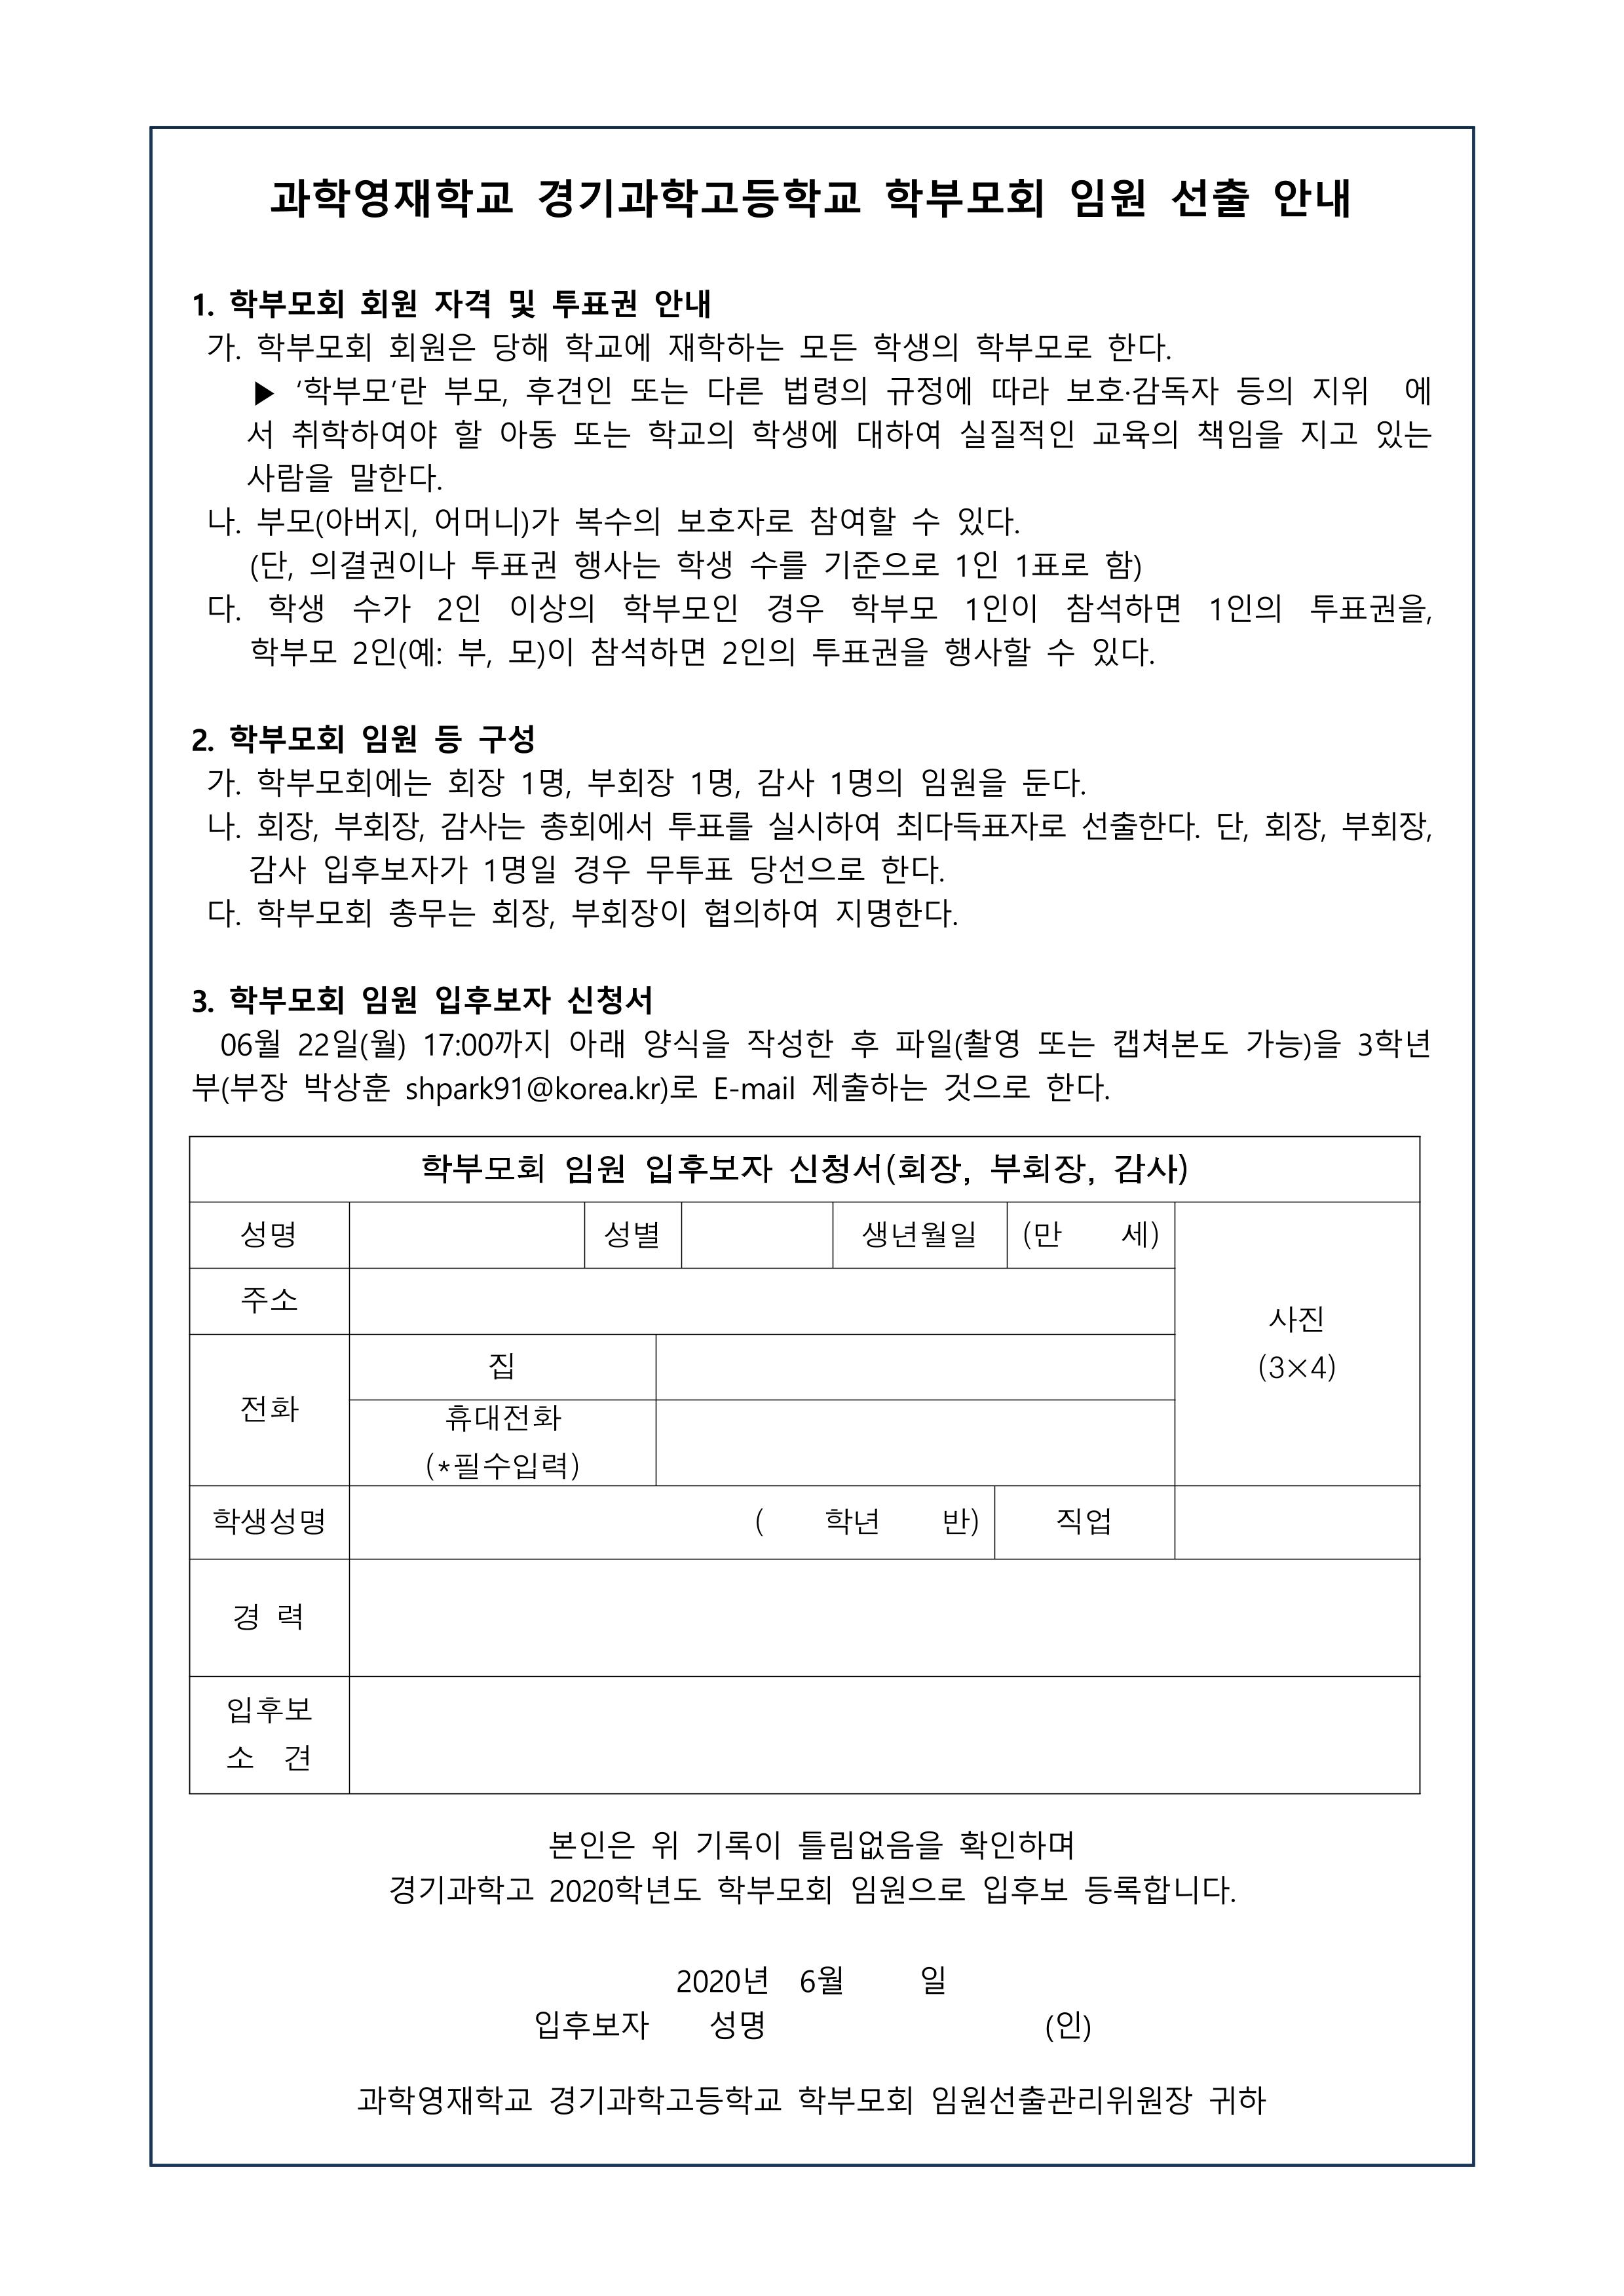 2020 학부모총회개최 및 임원 선출 안내 2Page.